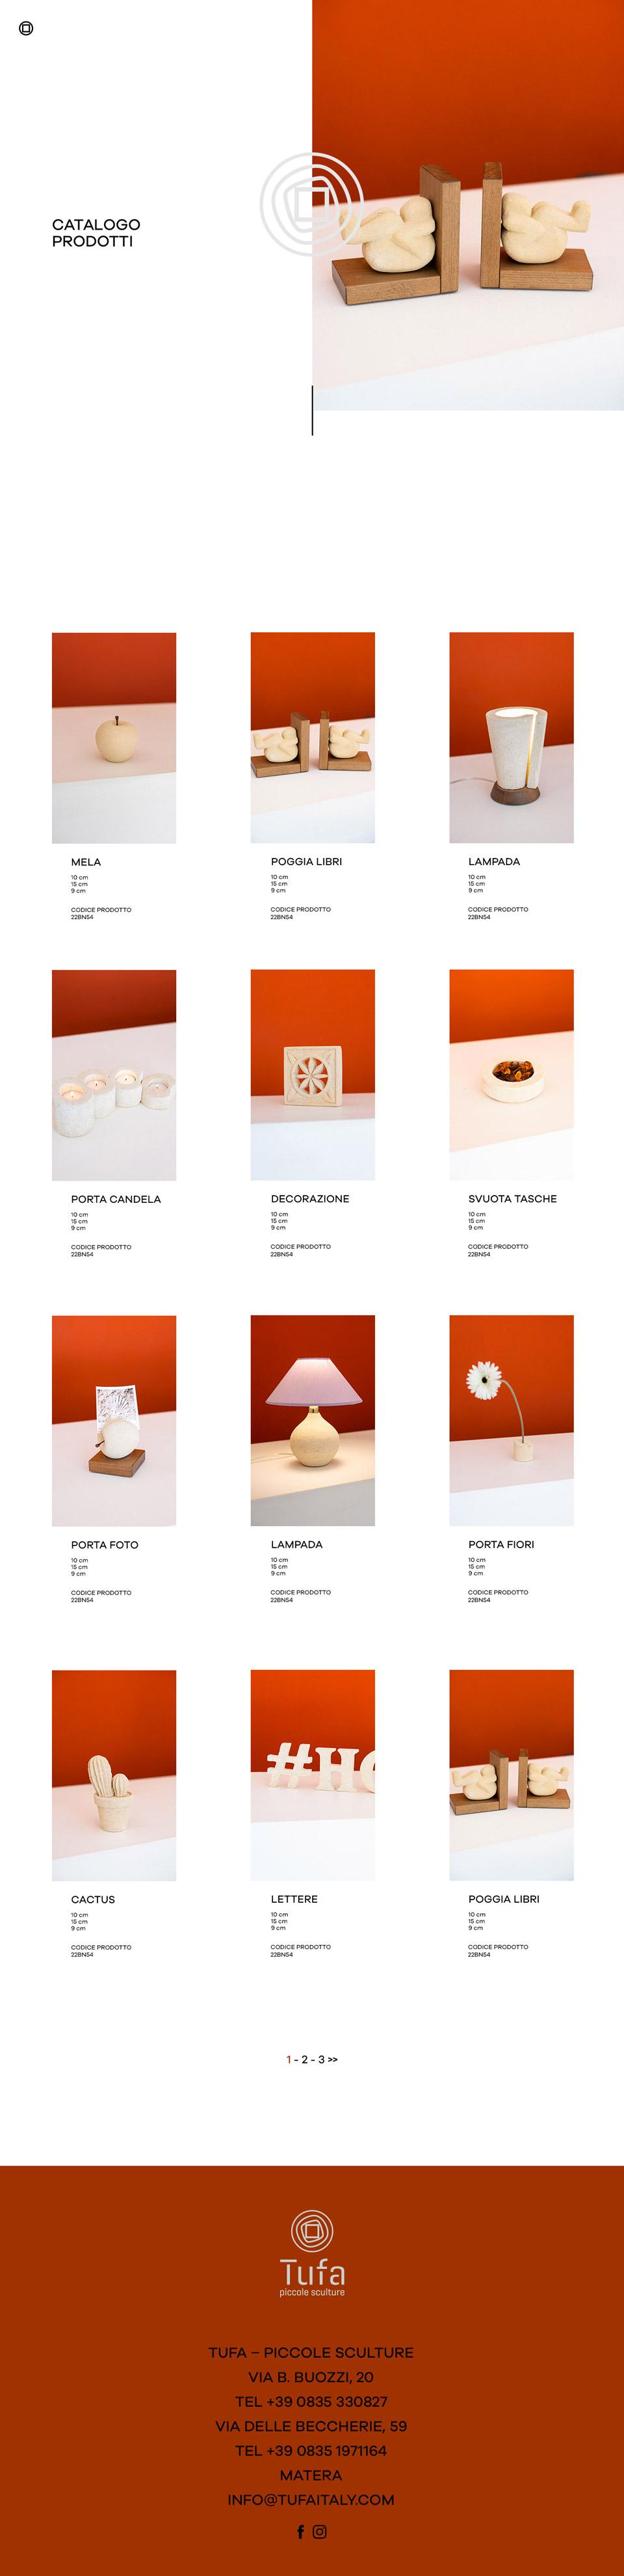 tufa italy web design ego55